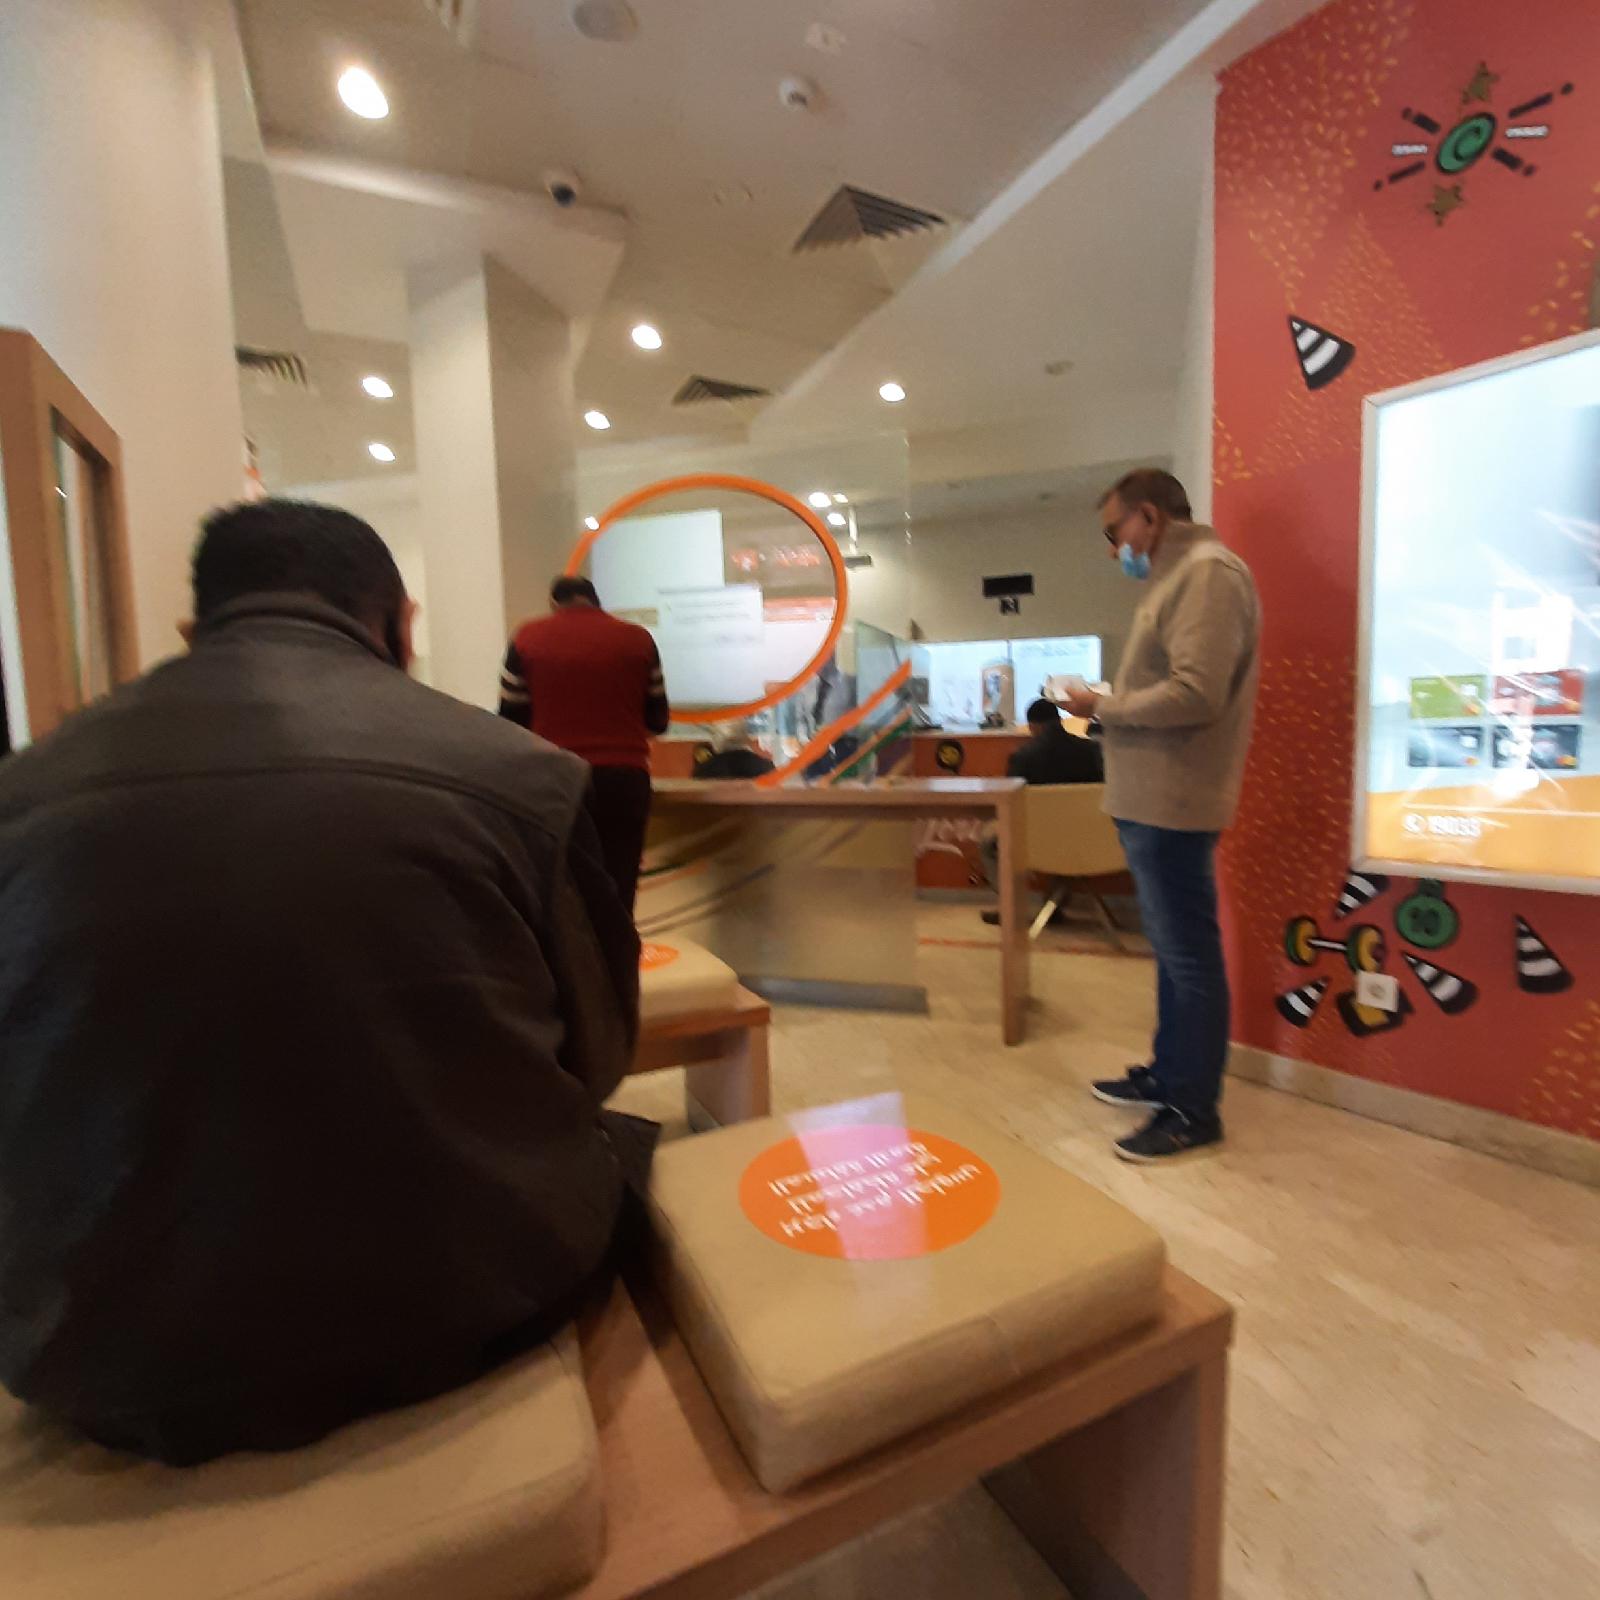 تجربتي مع بنك اسكندرية فرع الشروق في استلام حوالة جوجل ادسنس بواسطة ويسترن يونيون فرع الشروق